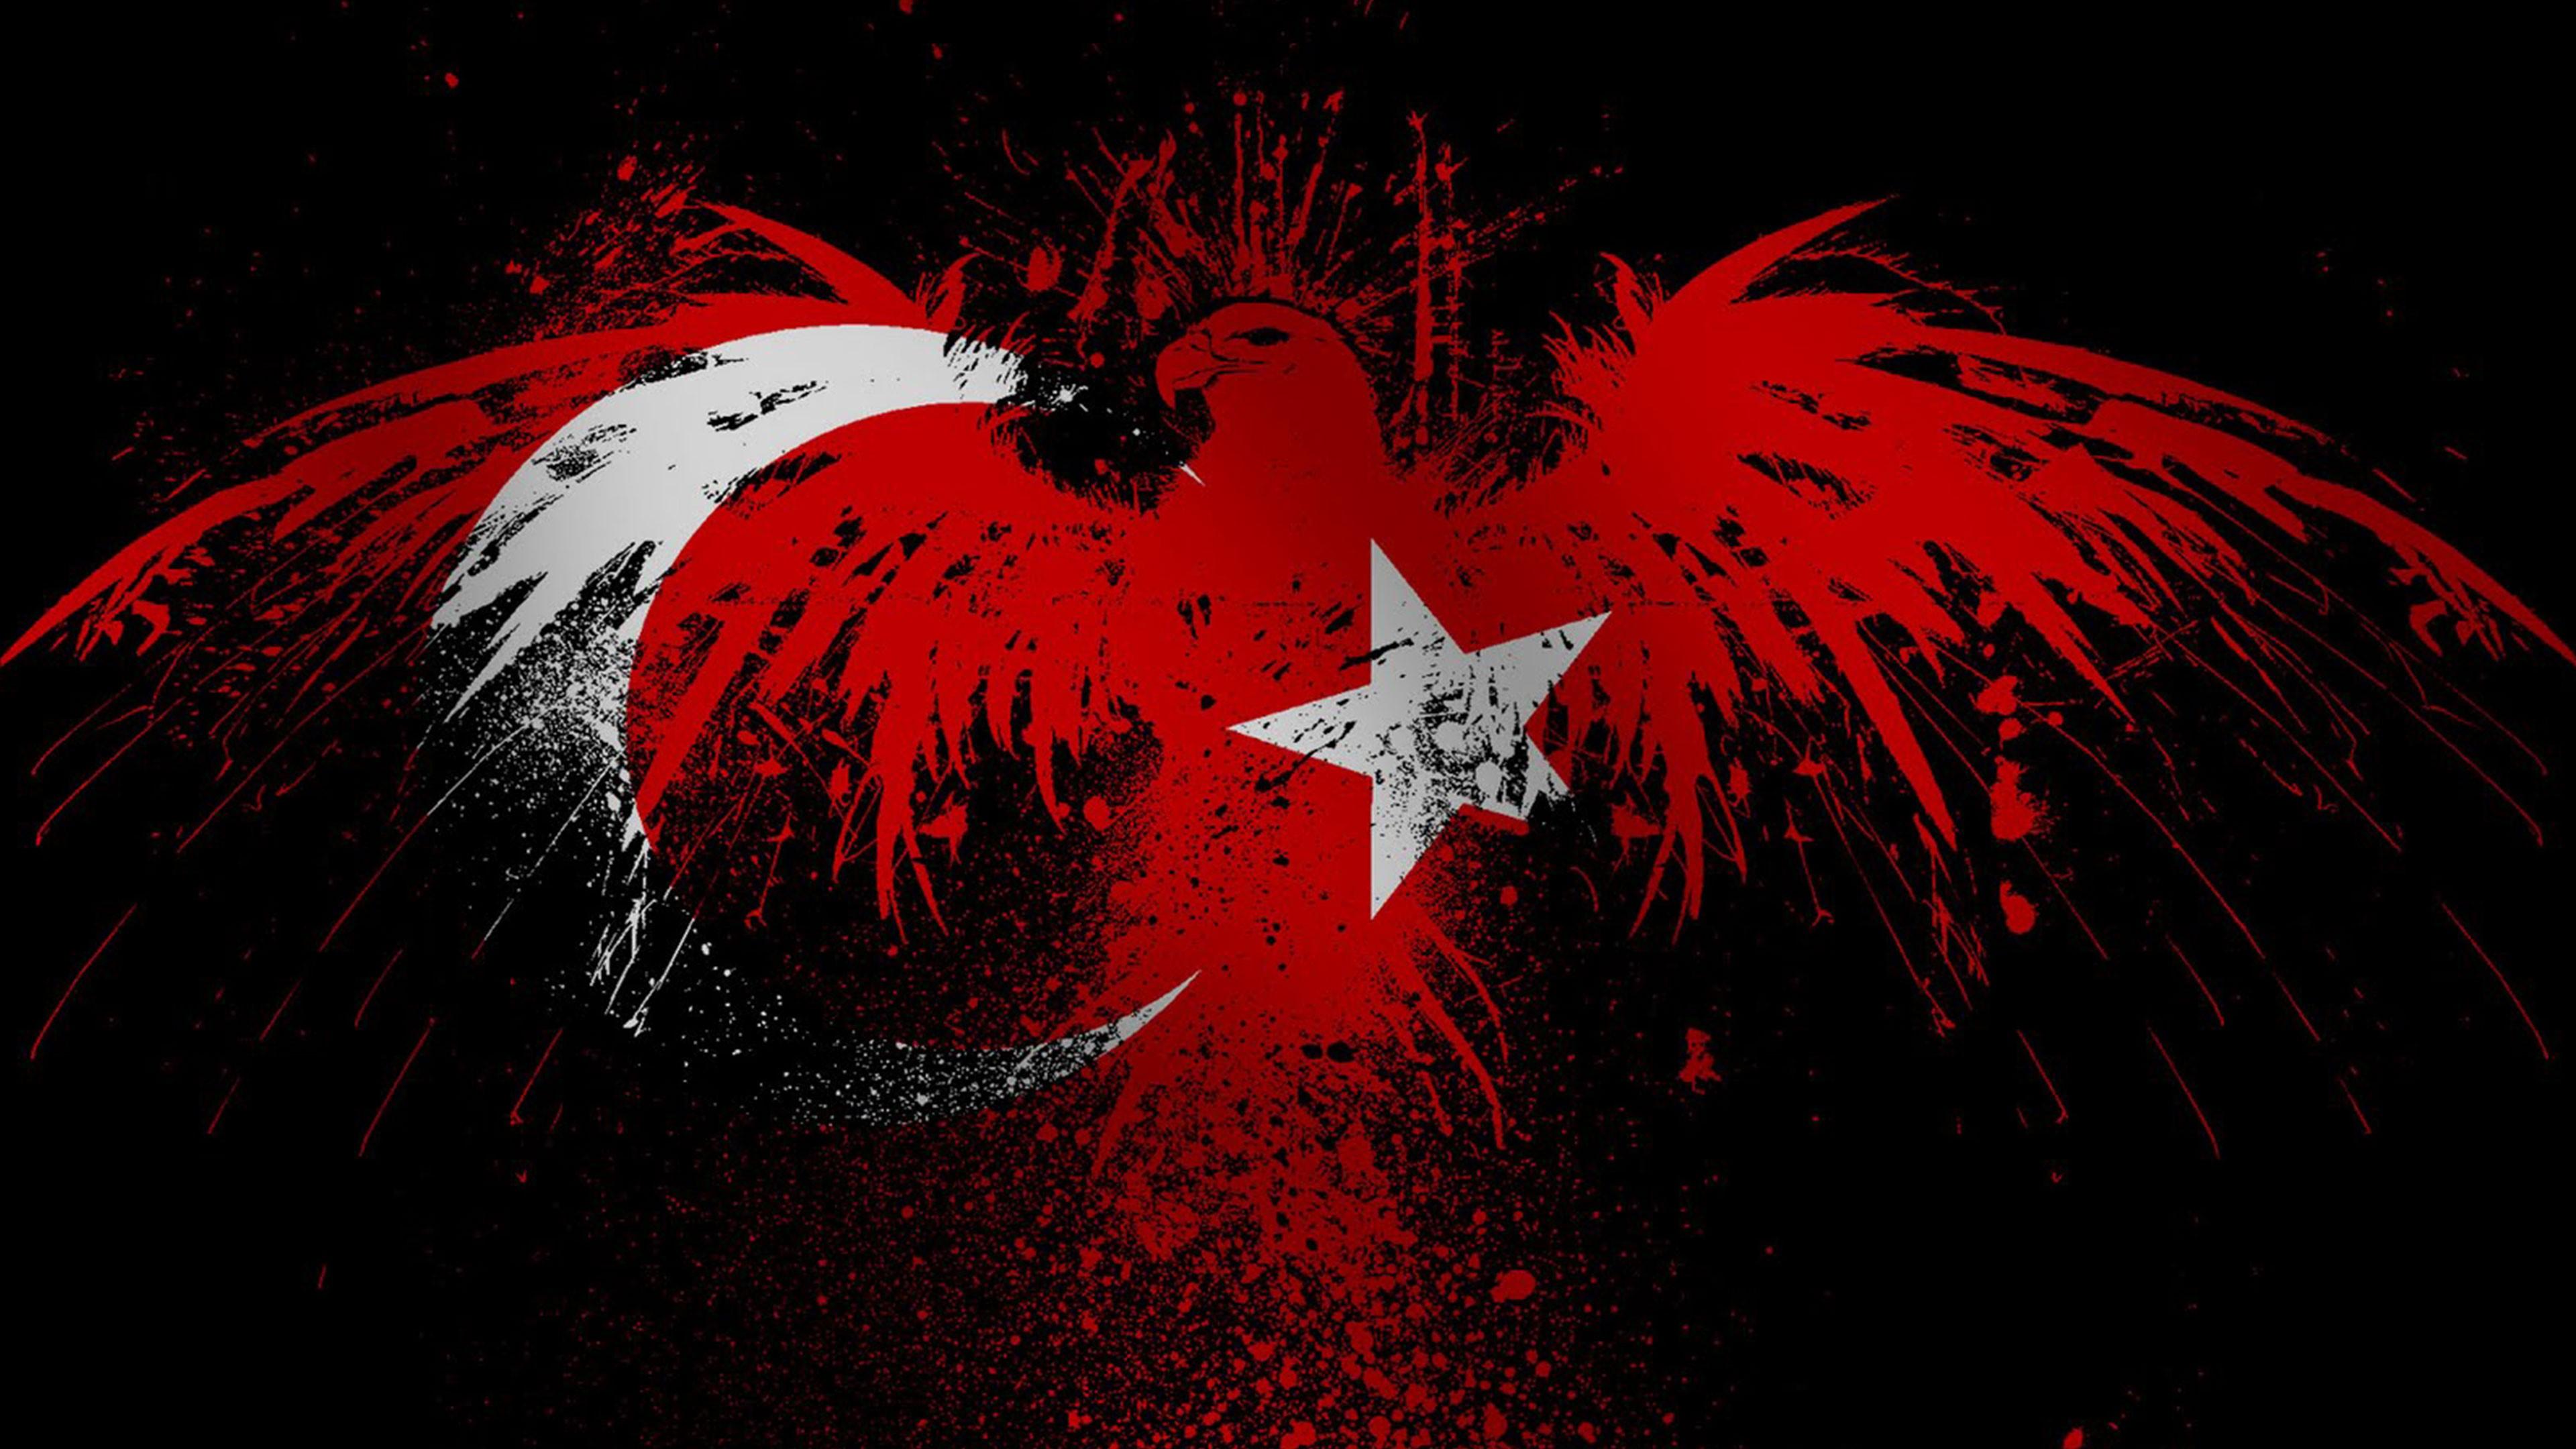 Türkiye Flag